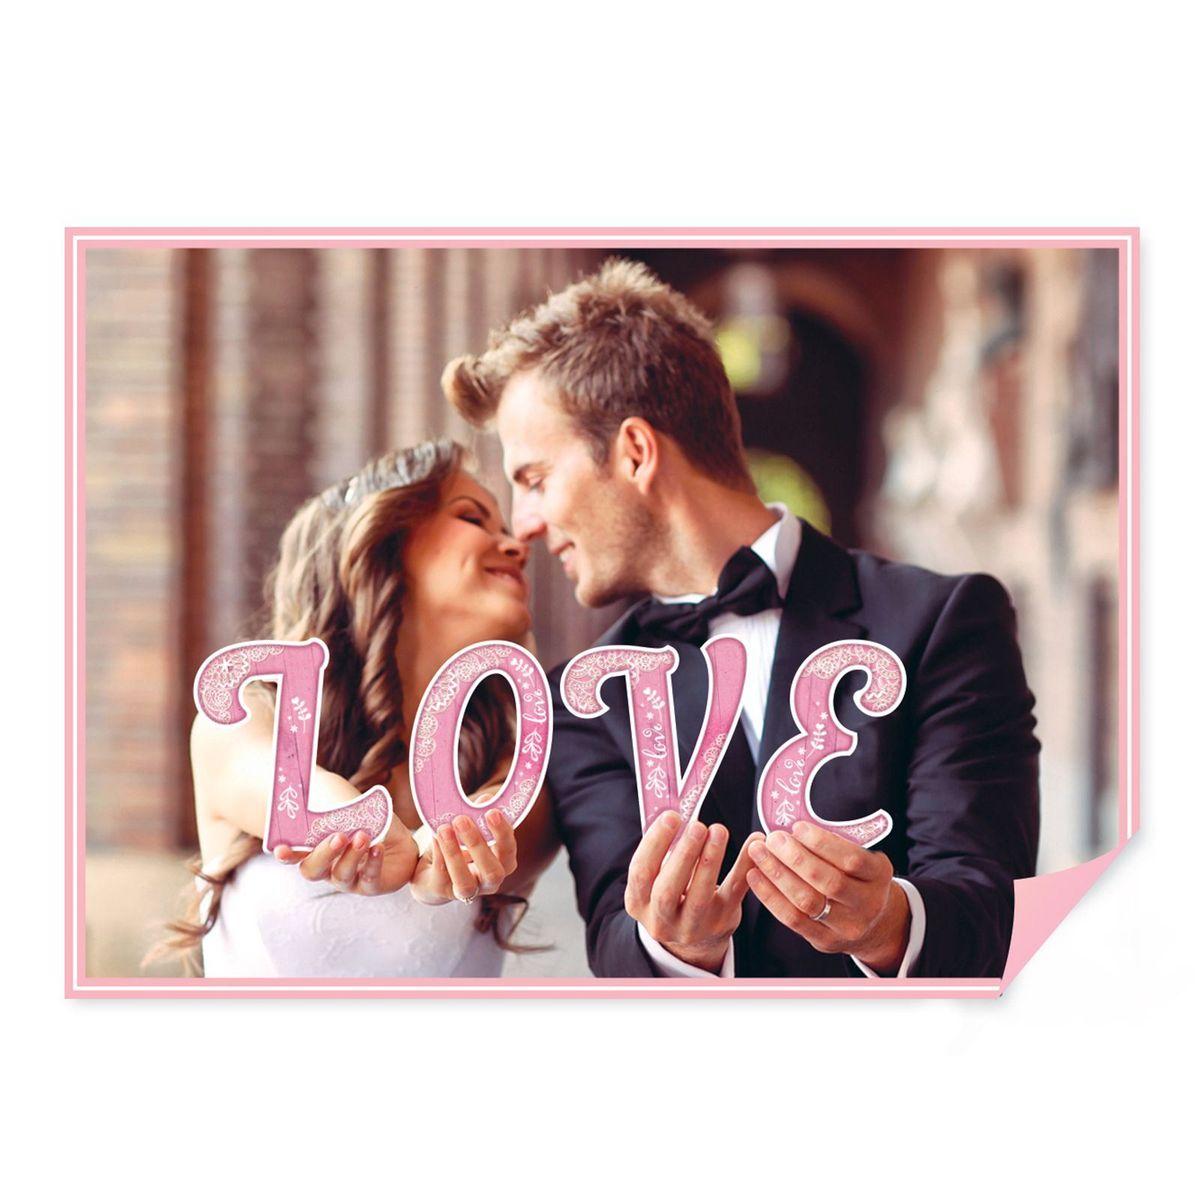 Буквы для фототосессии Sima-land Love, 16 х 20 см1221261Буквы Sima-land Love, изготовленные из картона, предназначены для оформления свадебного торжества и проведения фотосессий. В наборе 4 буквы, из которых составляется слово Love. Невозможно представить нашу жизнь без праздников! Мы всегда ждем и предвкушаем их, обдумываем, как проведем памятный день, тщательно выбираем подарки и аксессуары, ведь именно они создают и поддерживают праздничный настрой. Особенно, если речь идет о свадьбе!